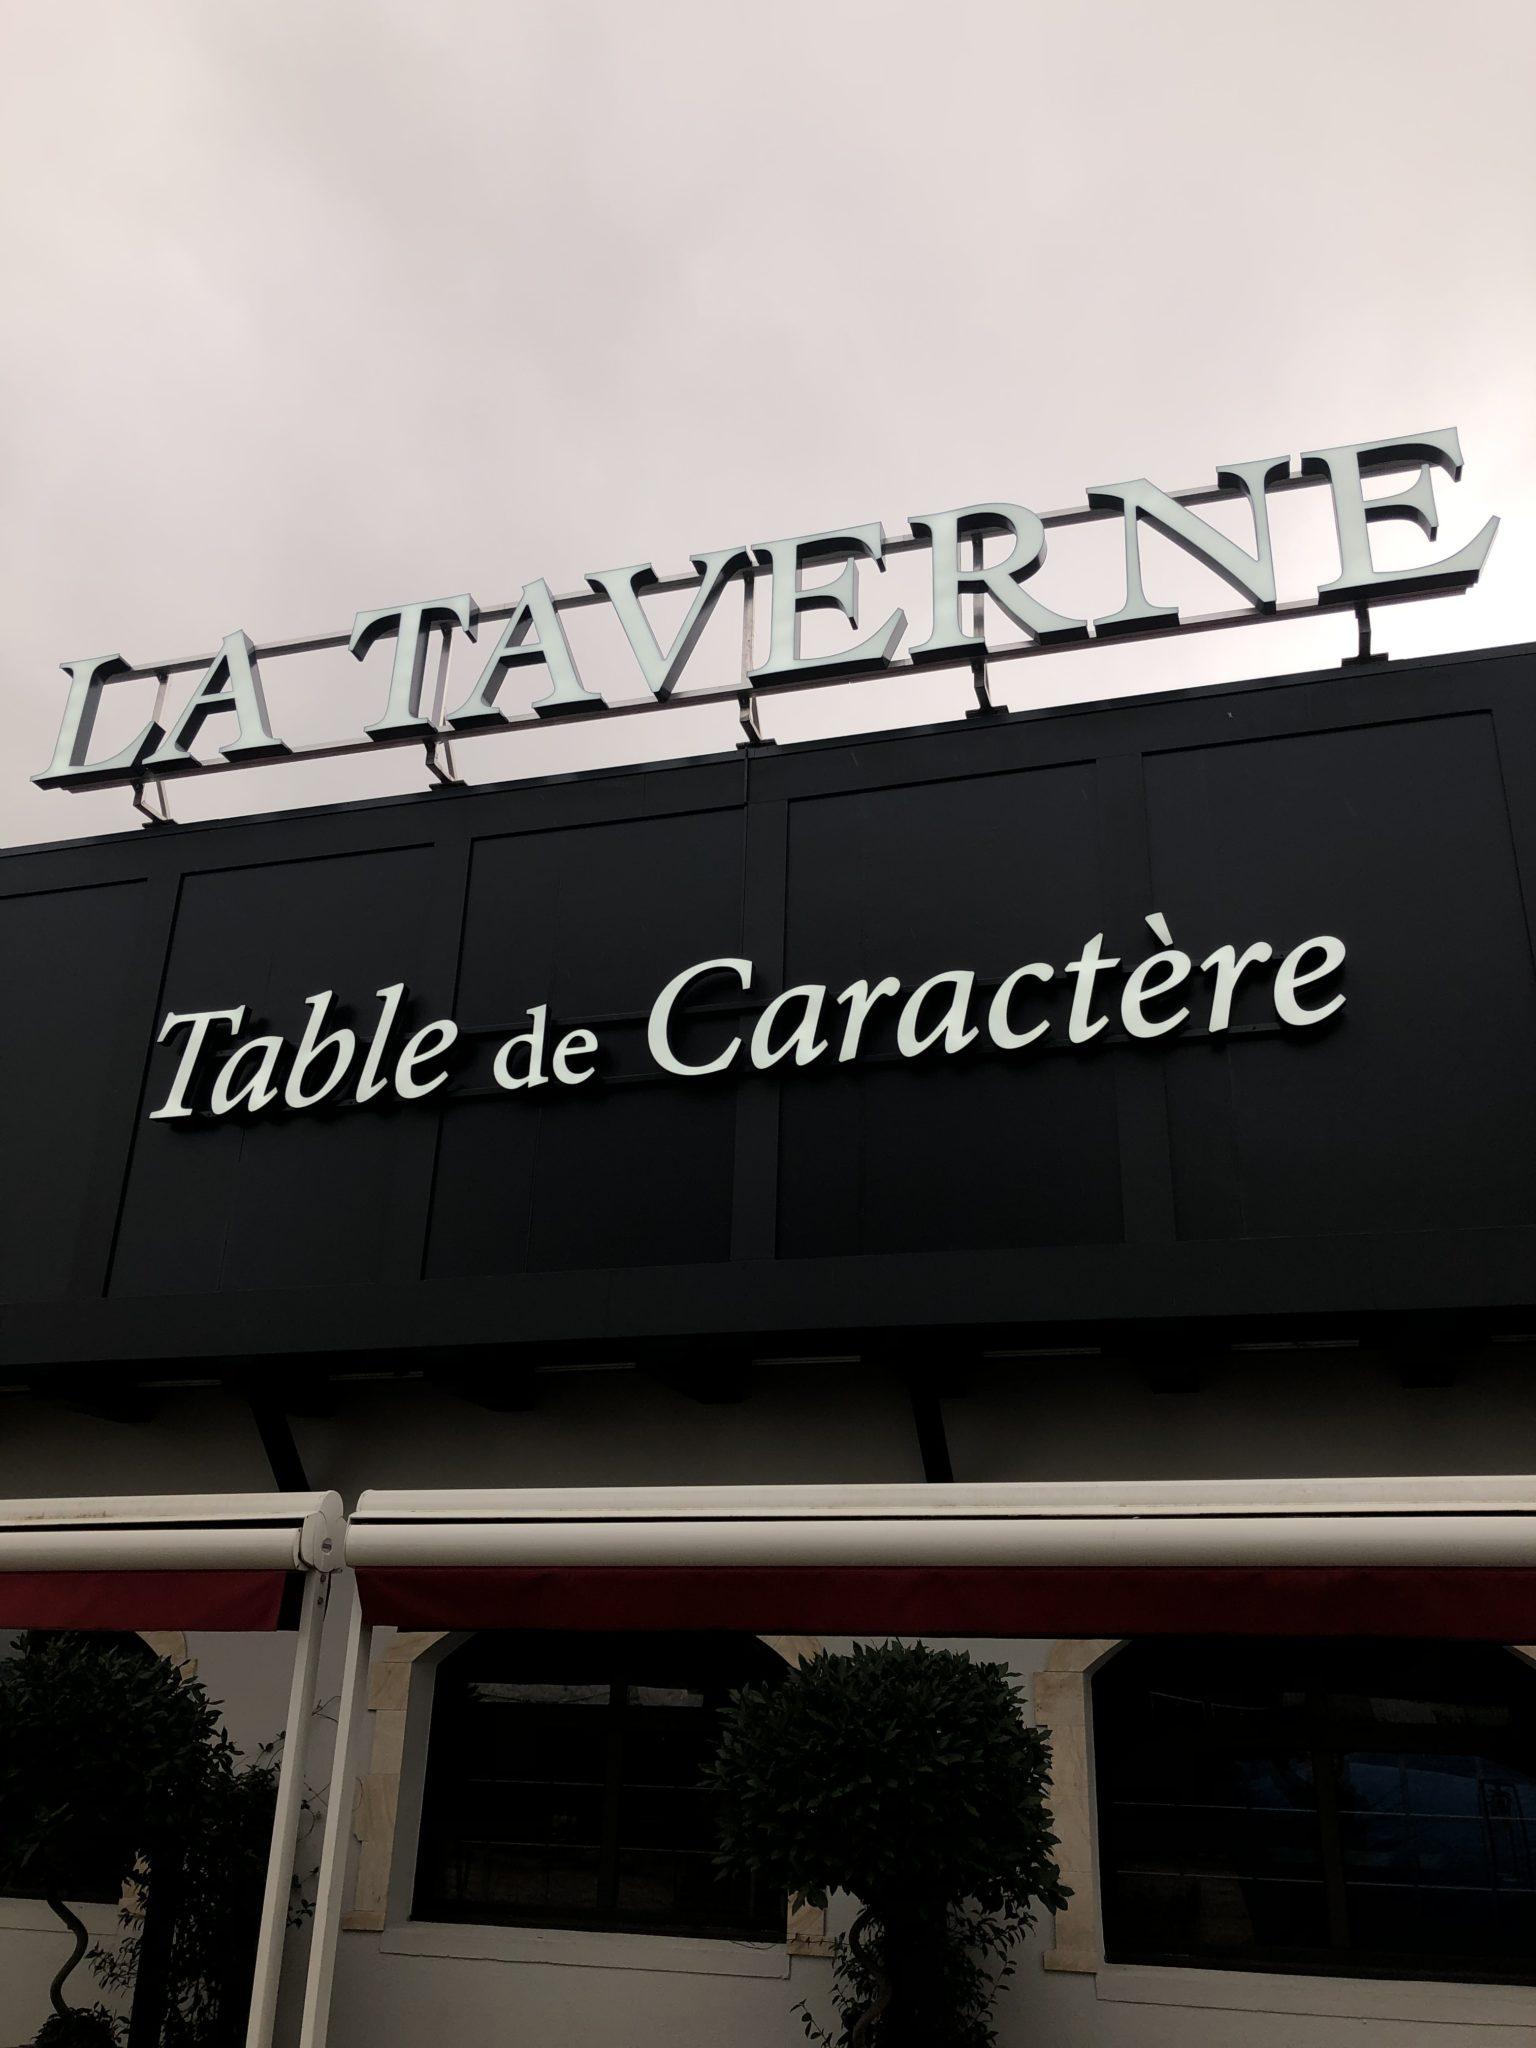 La Taverne - Chasseneuil du Poitou